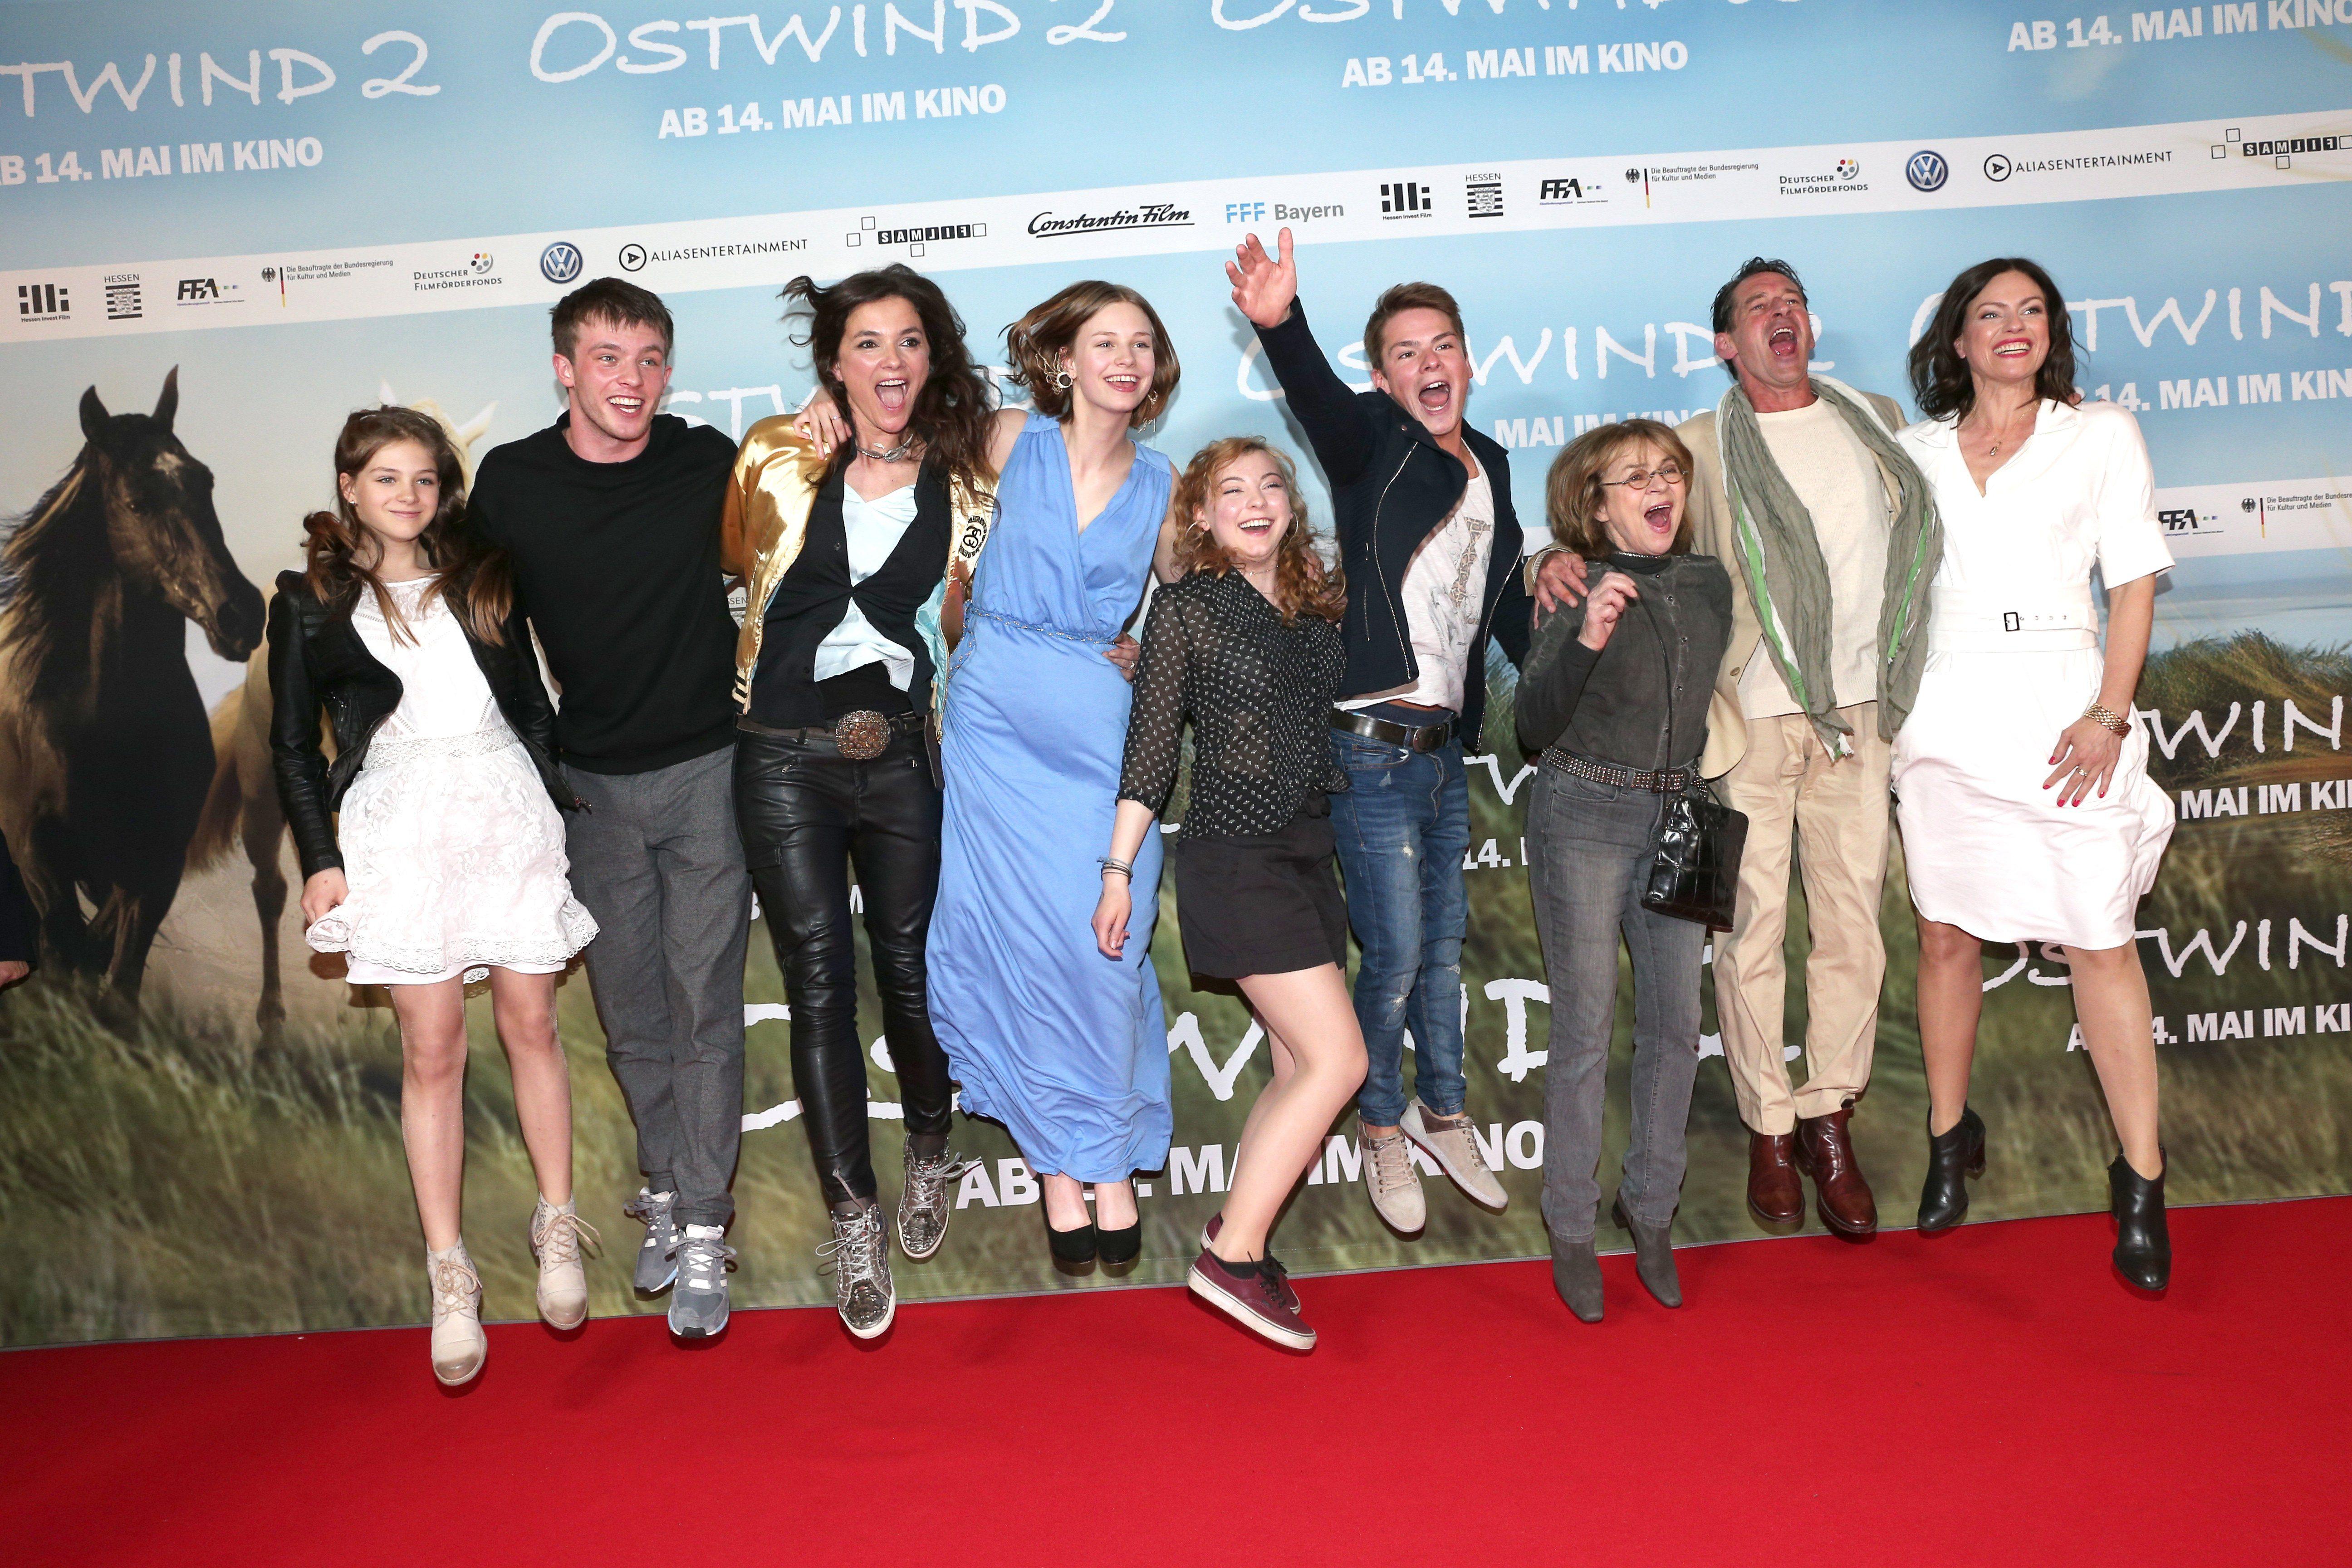 Ostwind 2 Feiert Viel Umjubelte Premiere In Munchen Ostwind Hanna Binke Ostwind Film